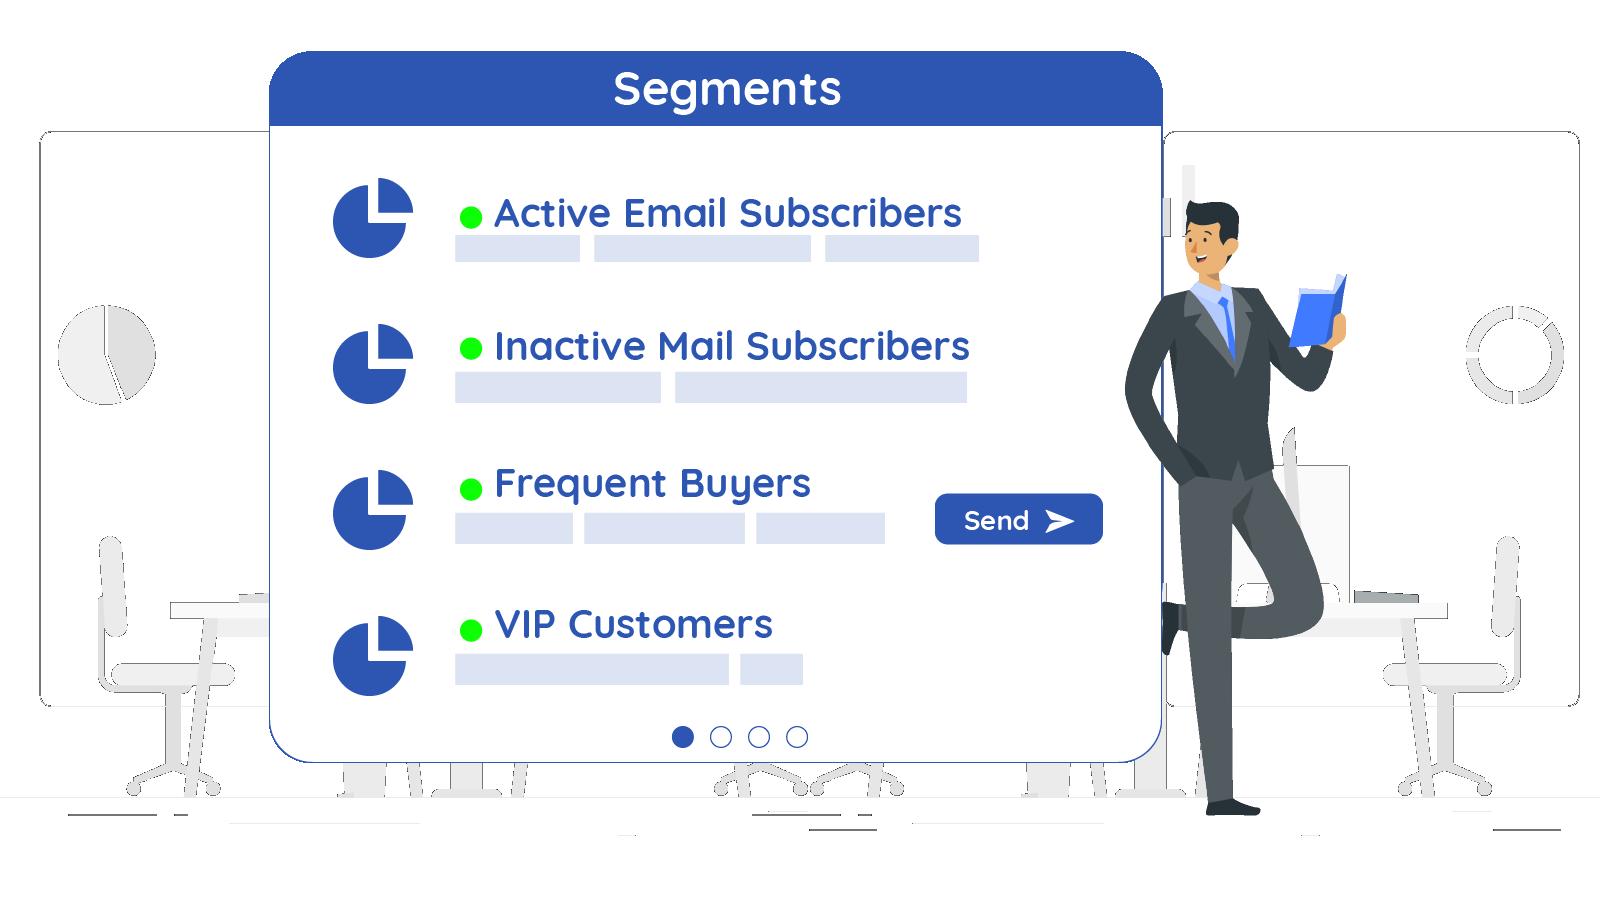 Pre-created most common segments